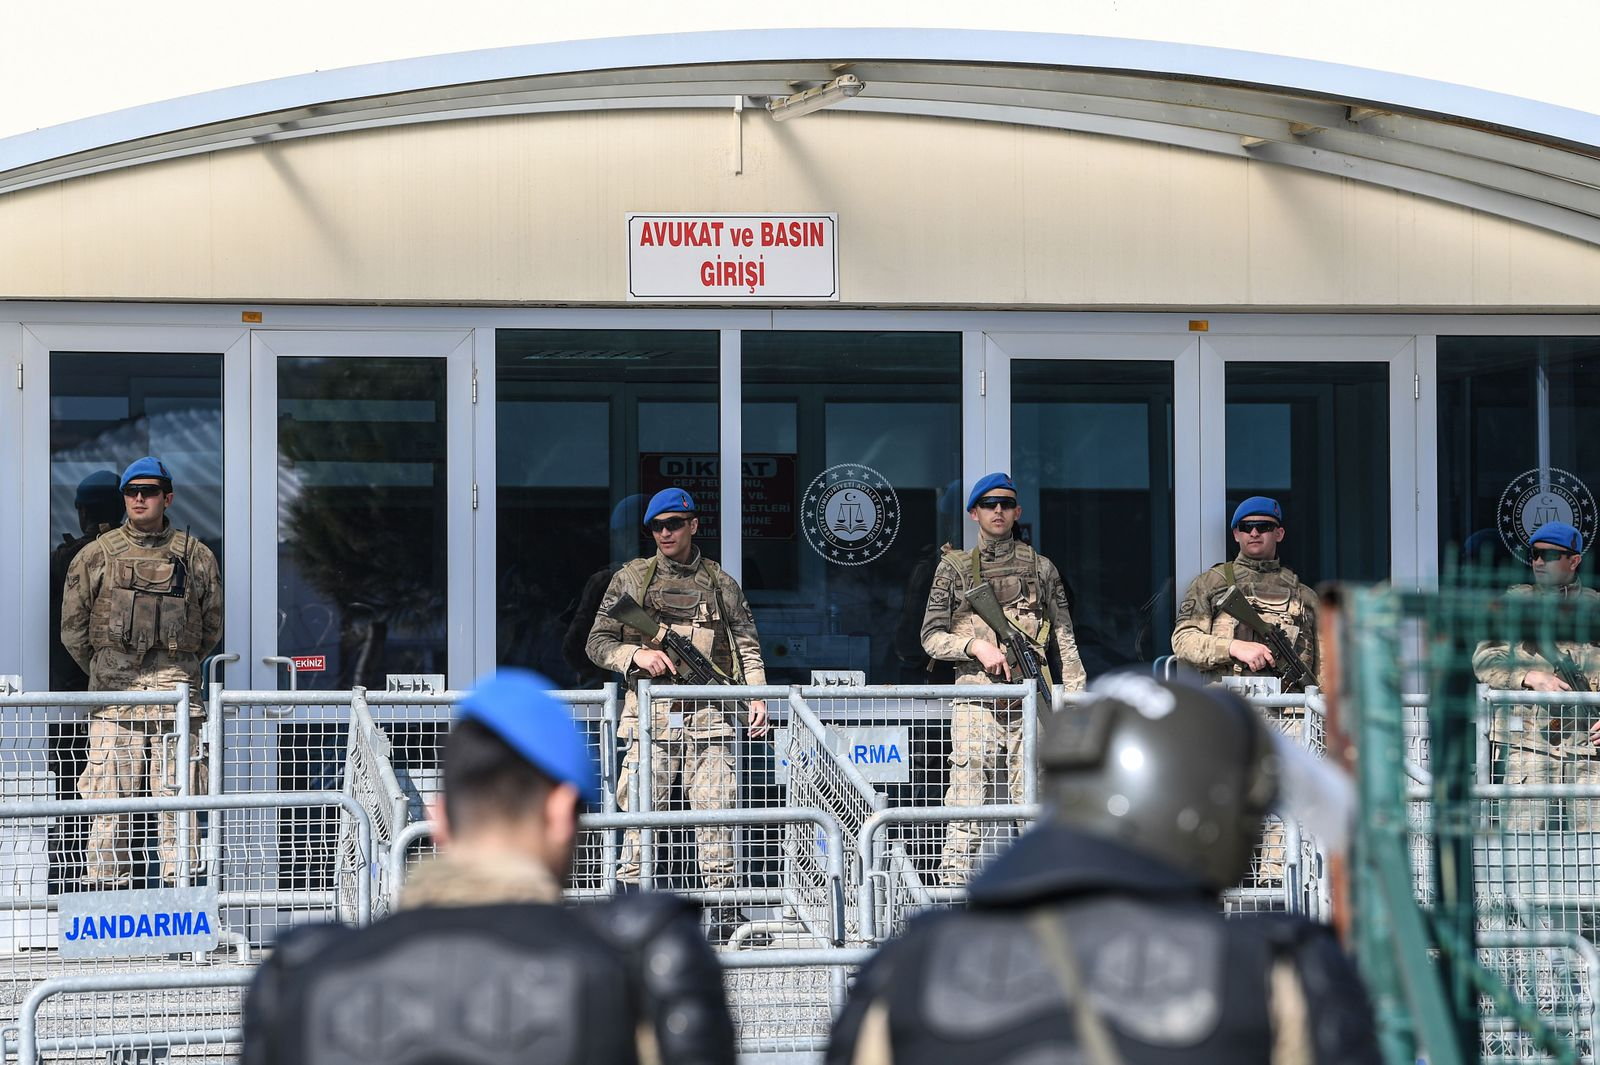 TURKEY-POLITICS-JUSTICE-RIGHTS